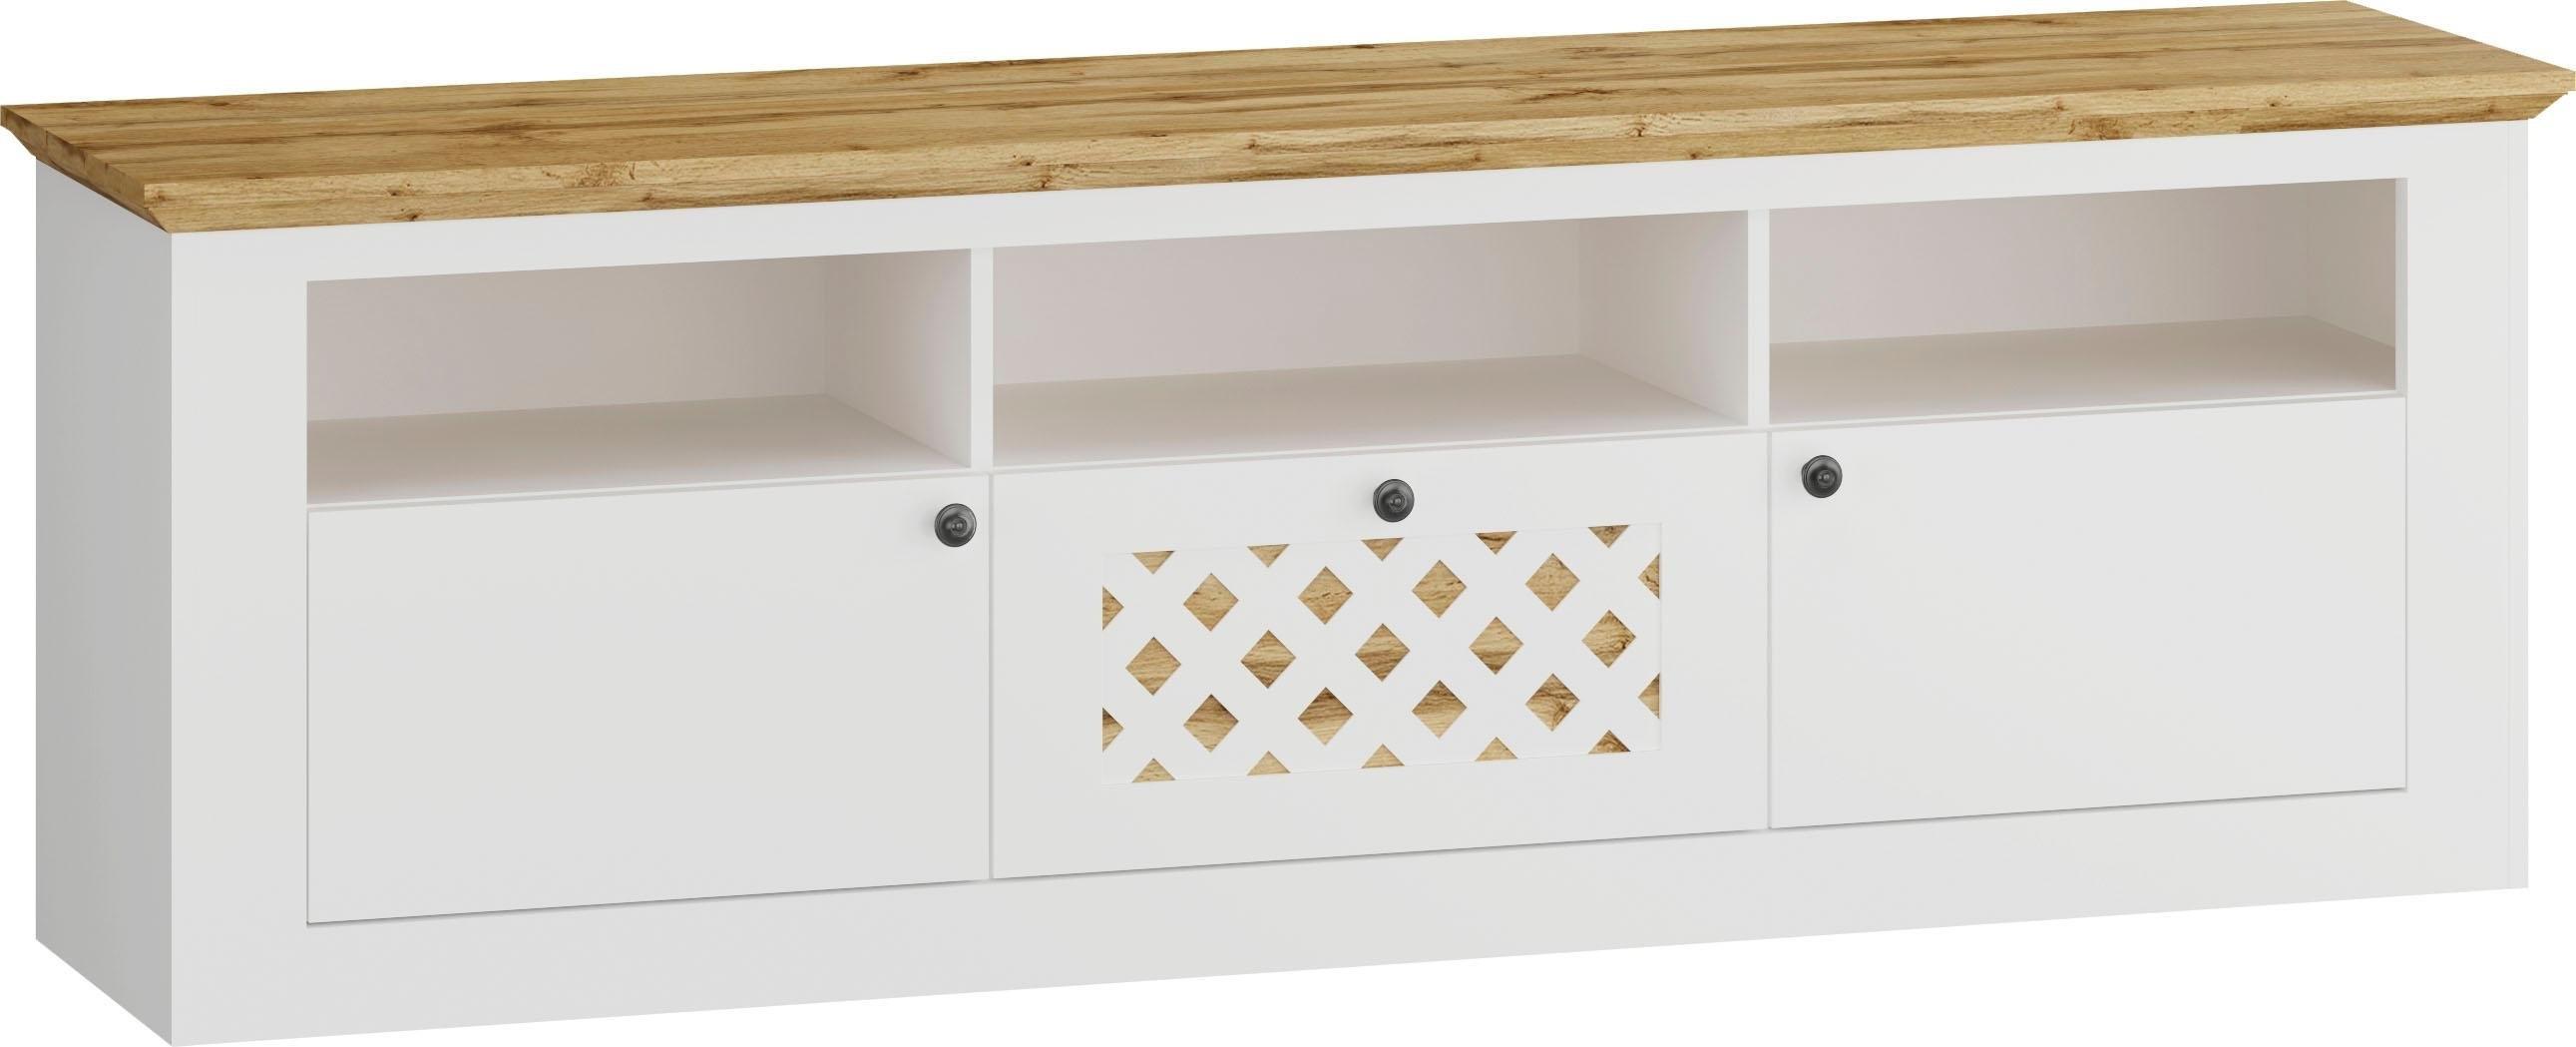 Home Affaire tv-meubel »Justine«, breedte 182 cm goedkoop op otto.nl kopen